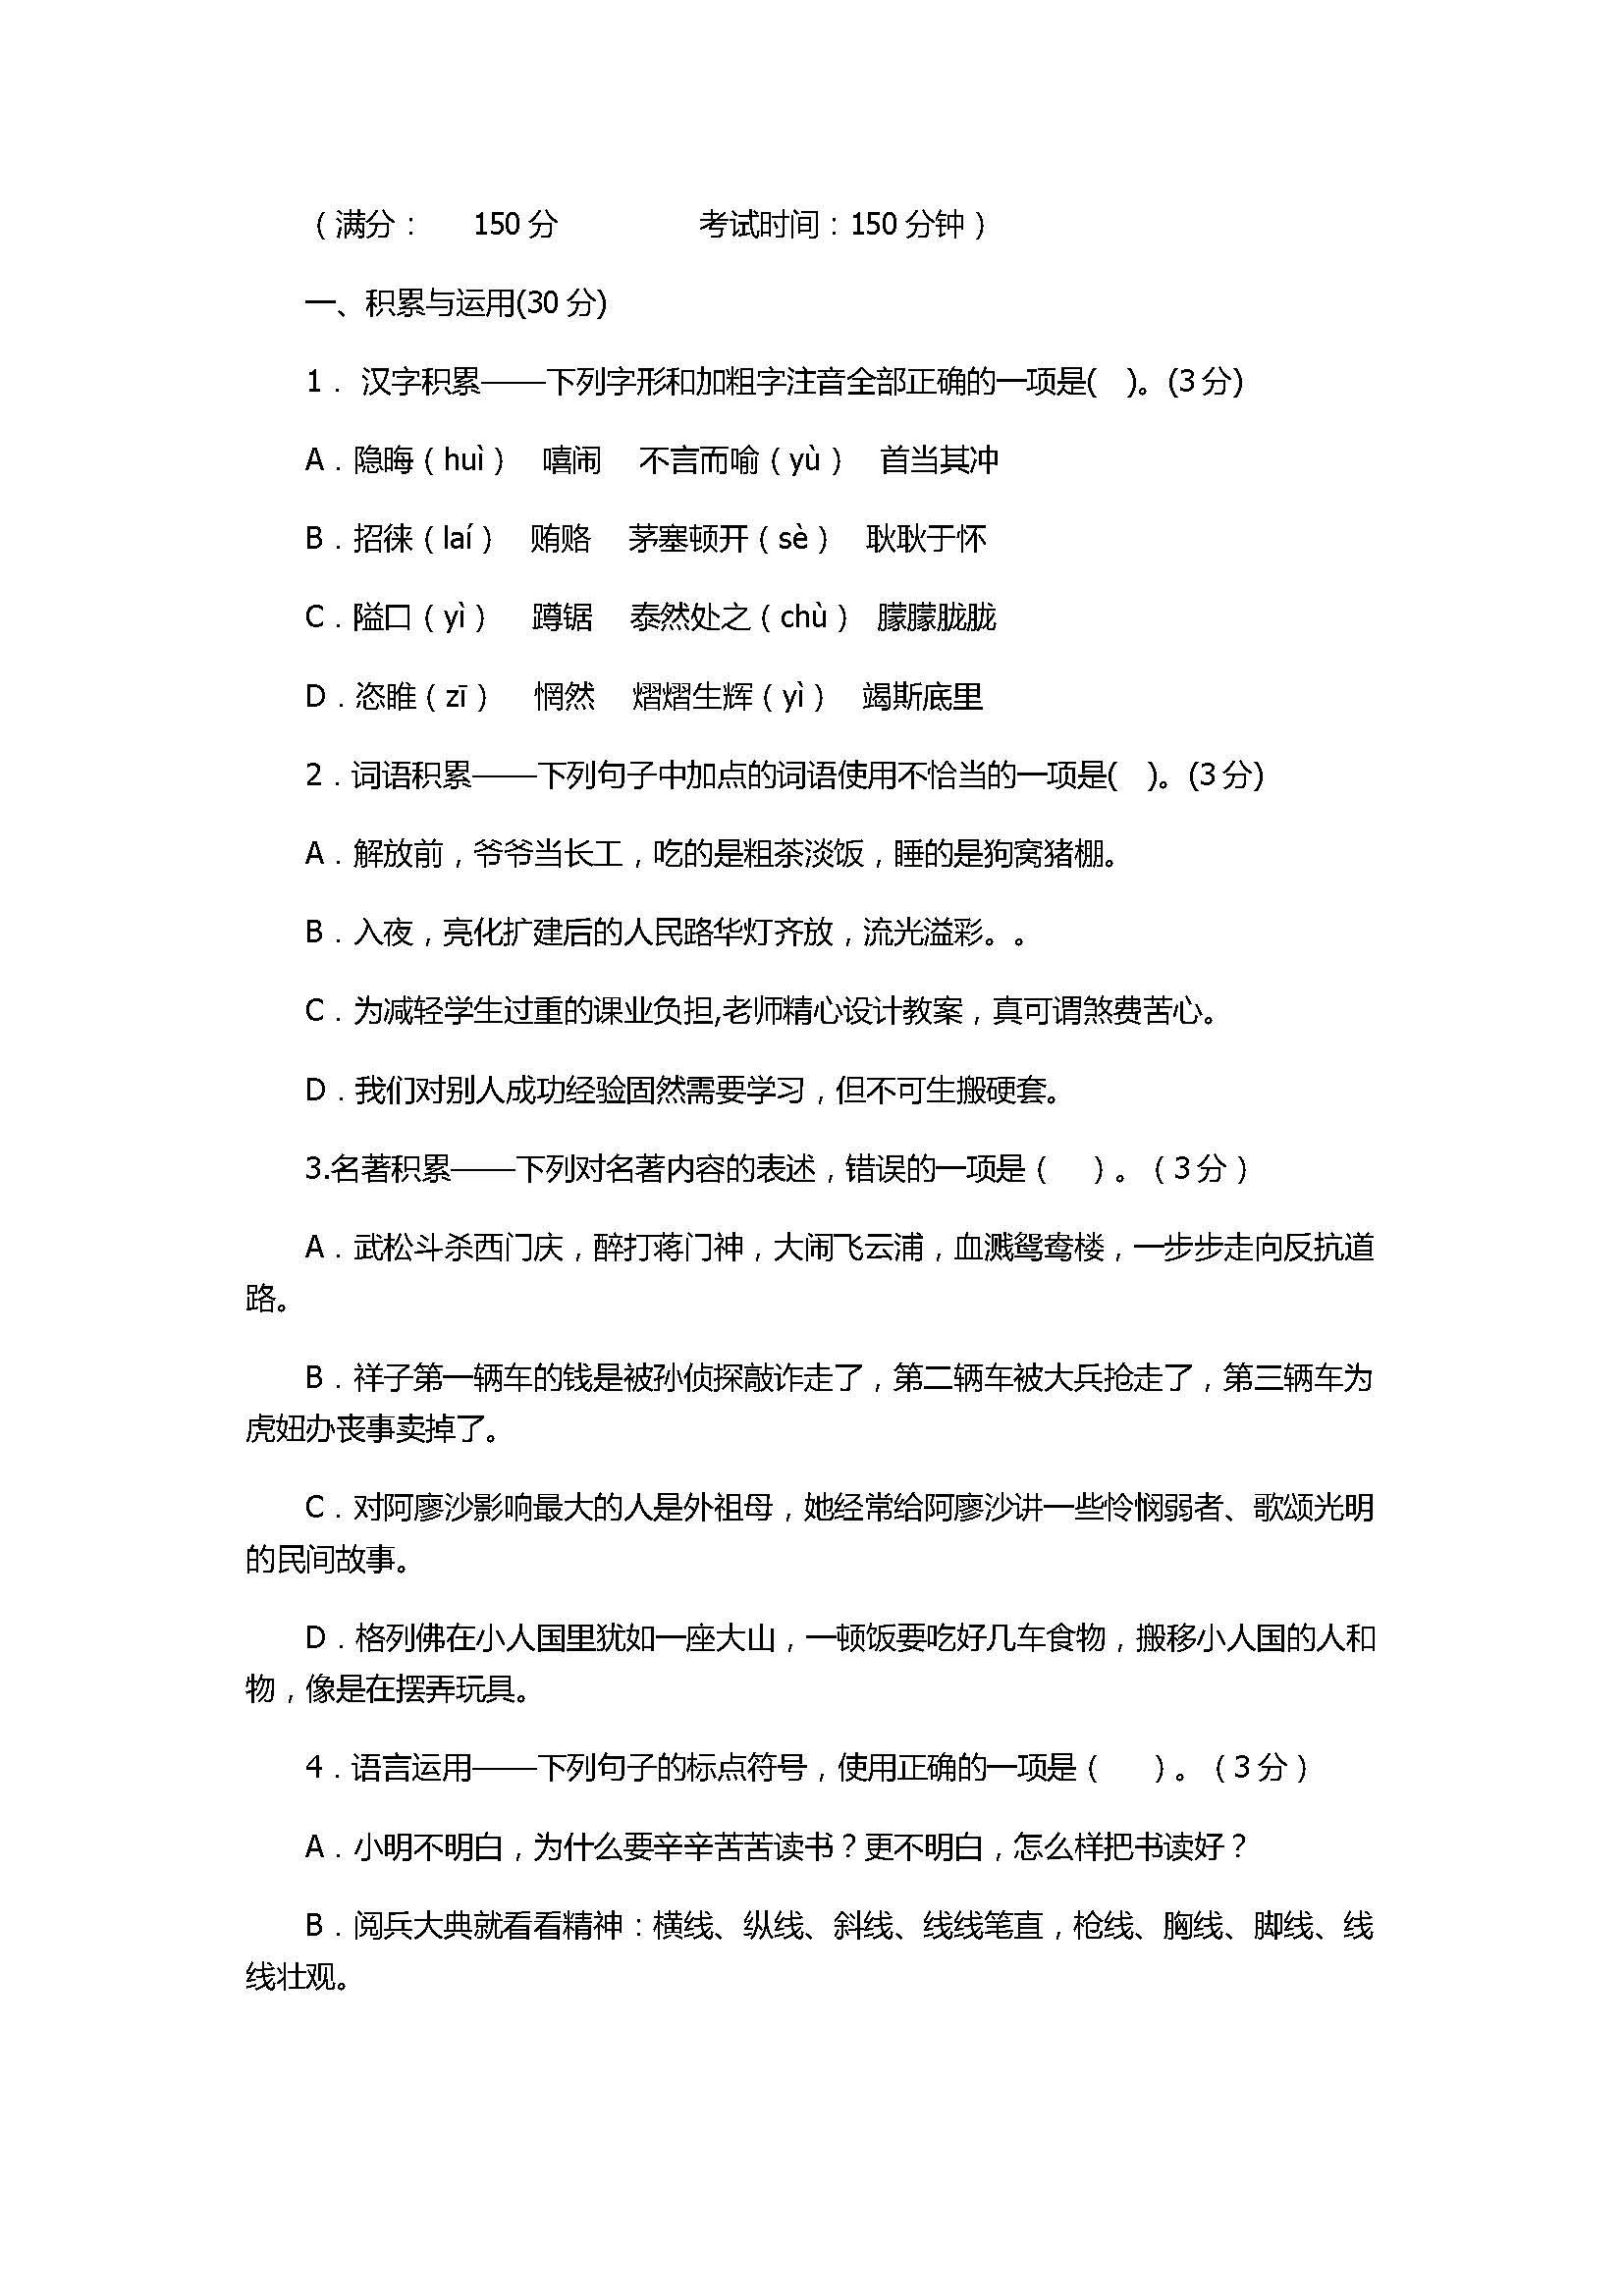 2017八年级语文上册月考试卷附答案(凤冈思源实验学校)